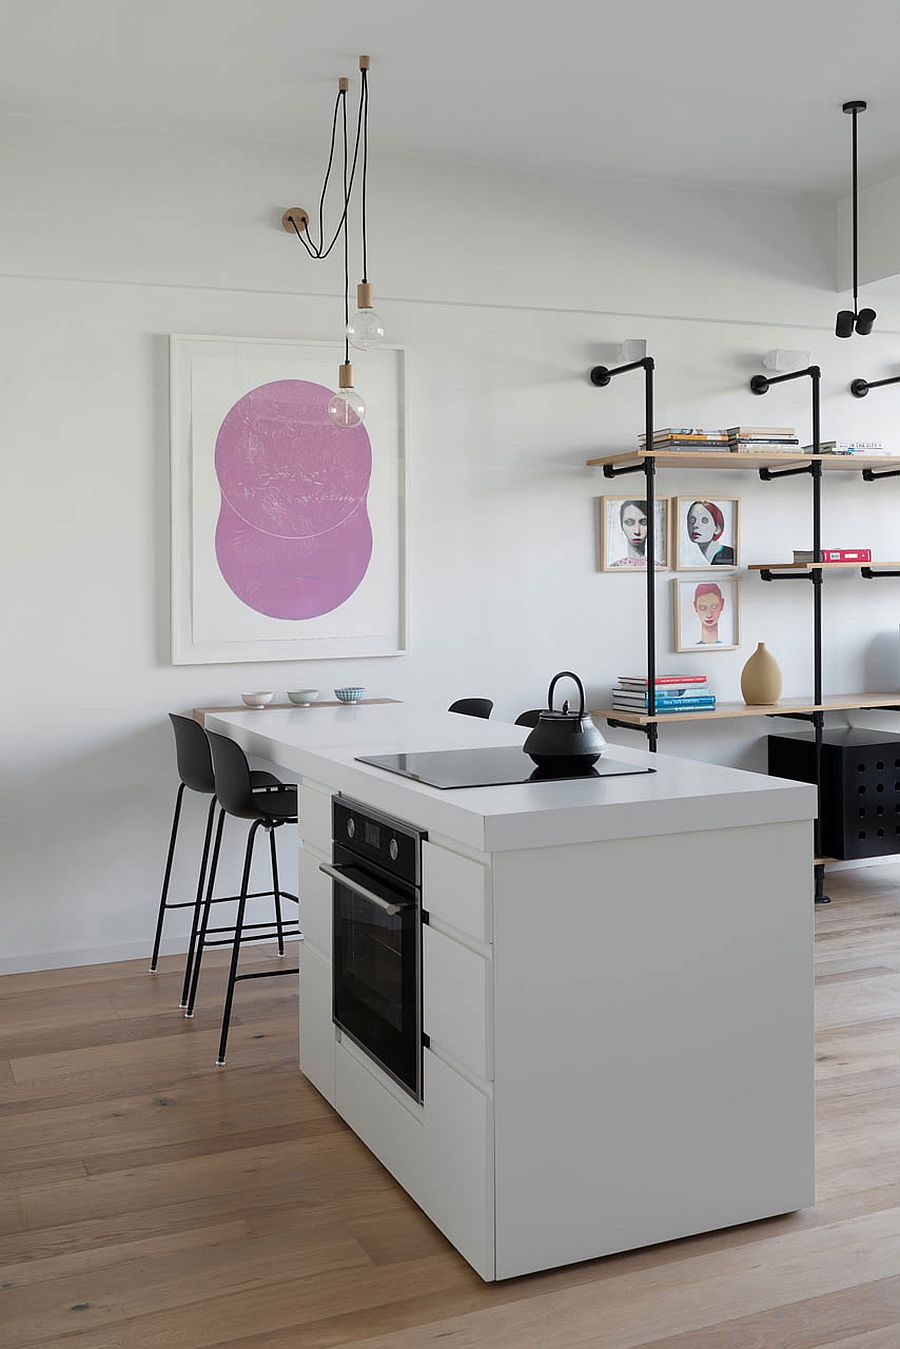 Muôn kiểu chiếu sáng độc đáo và hiệu quả dành cho những căn bếp nhỏ - Ảnh 2.